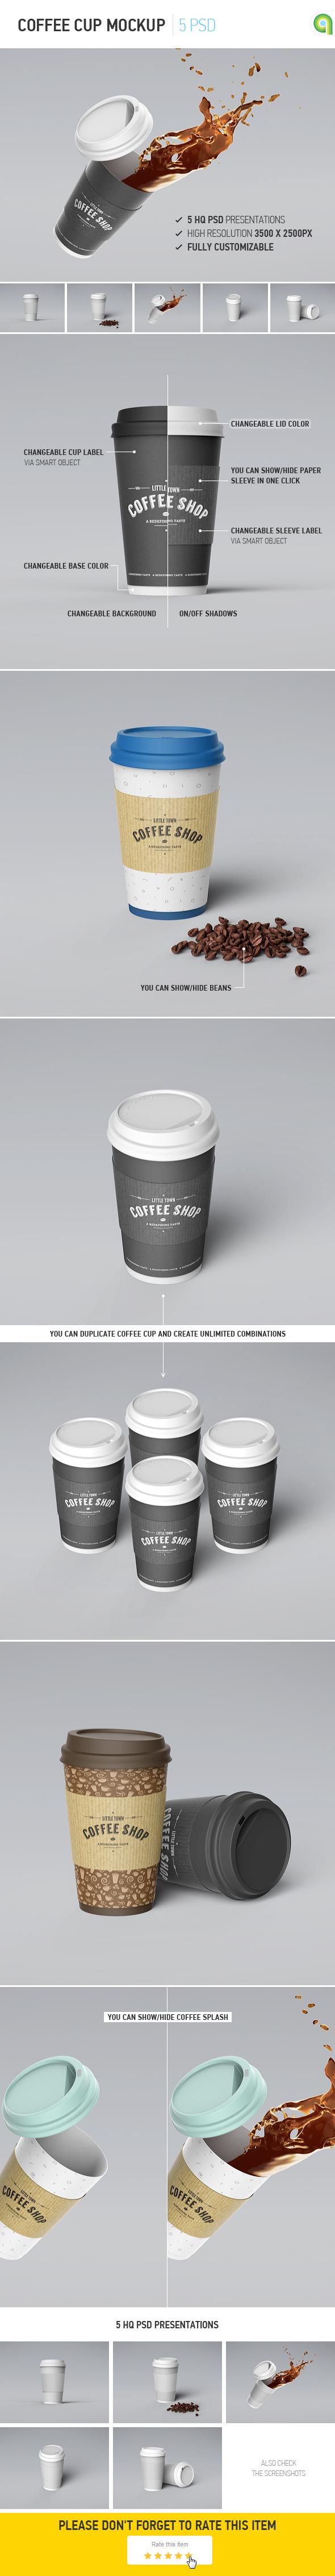 Coffee Cup Mockup on Behance Художественное оформление